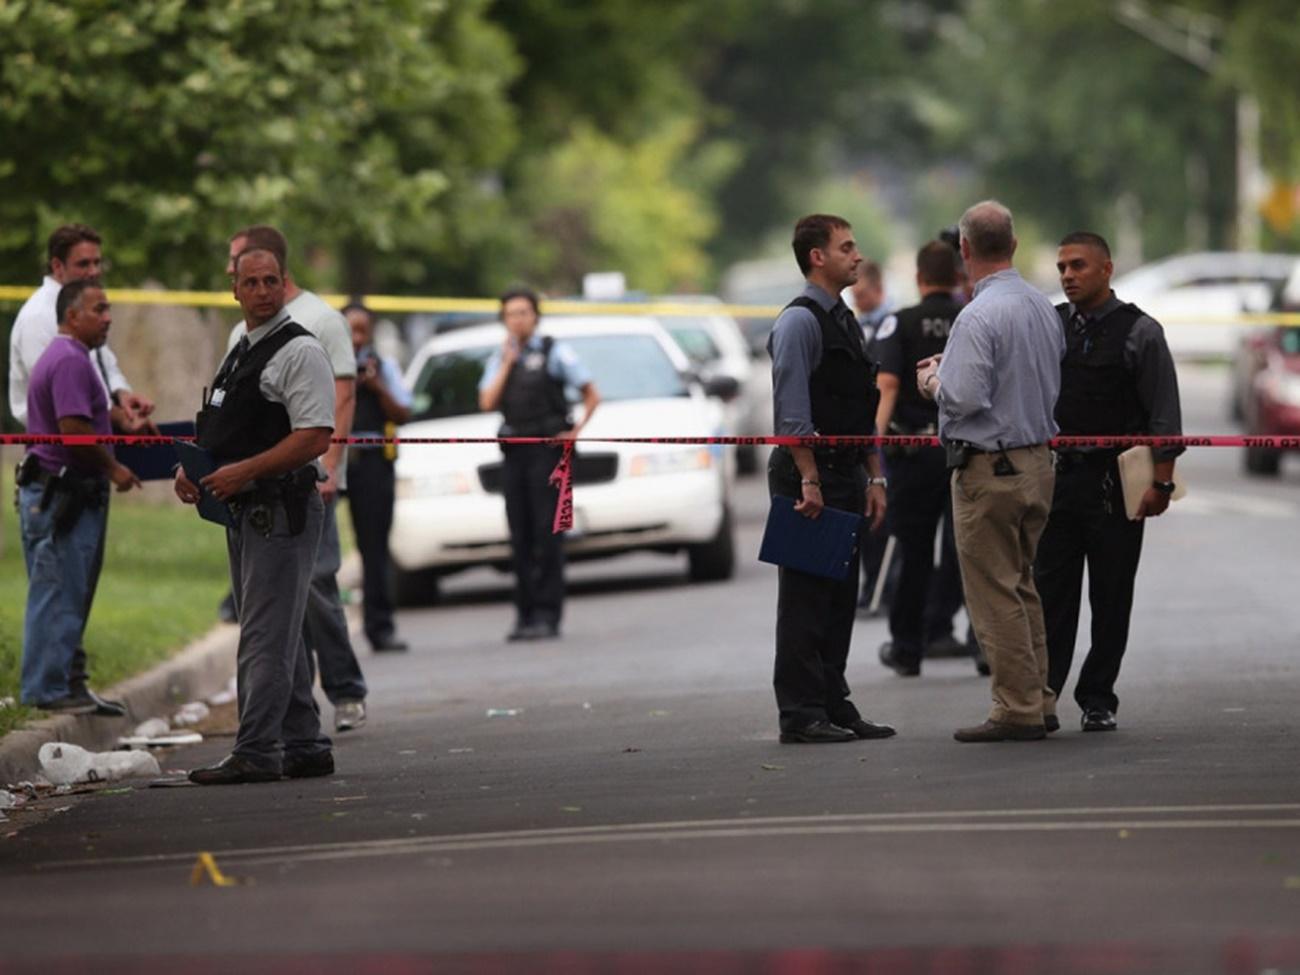 Violențe extreme la Chicago. Peste 50 de oameni împușcați